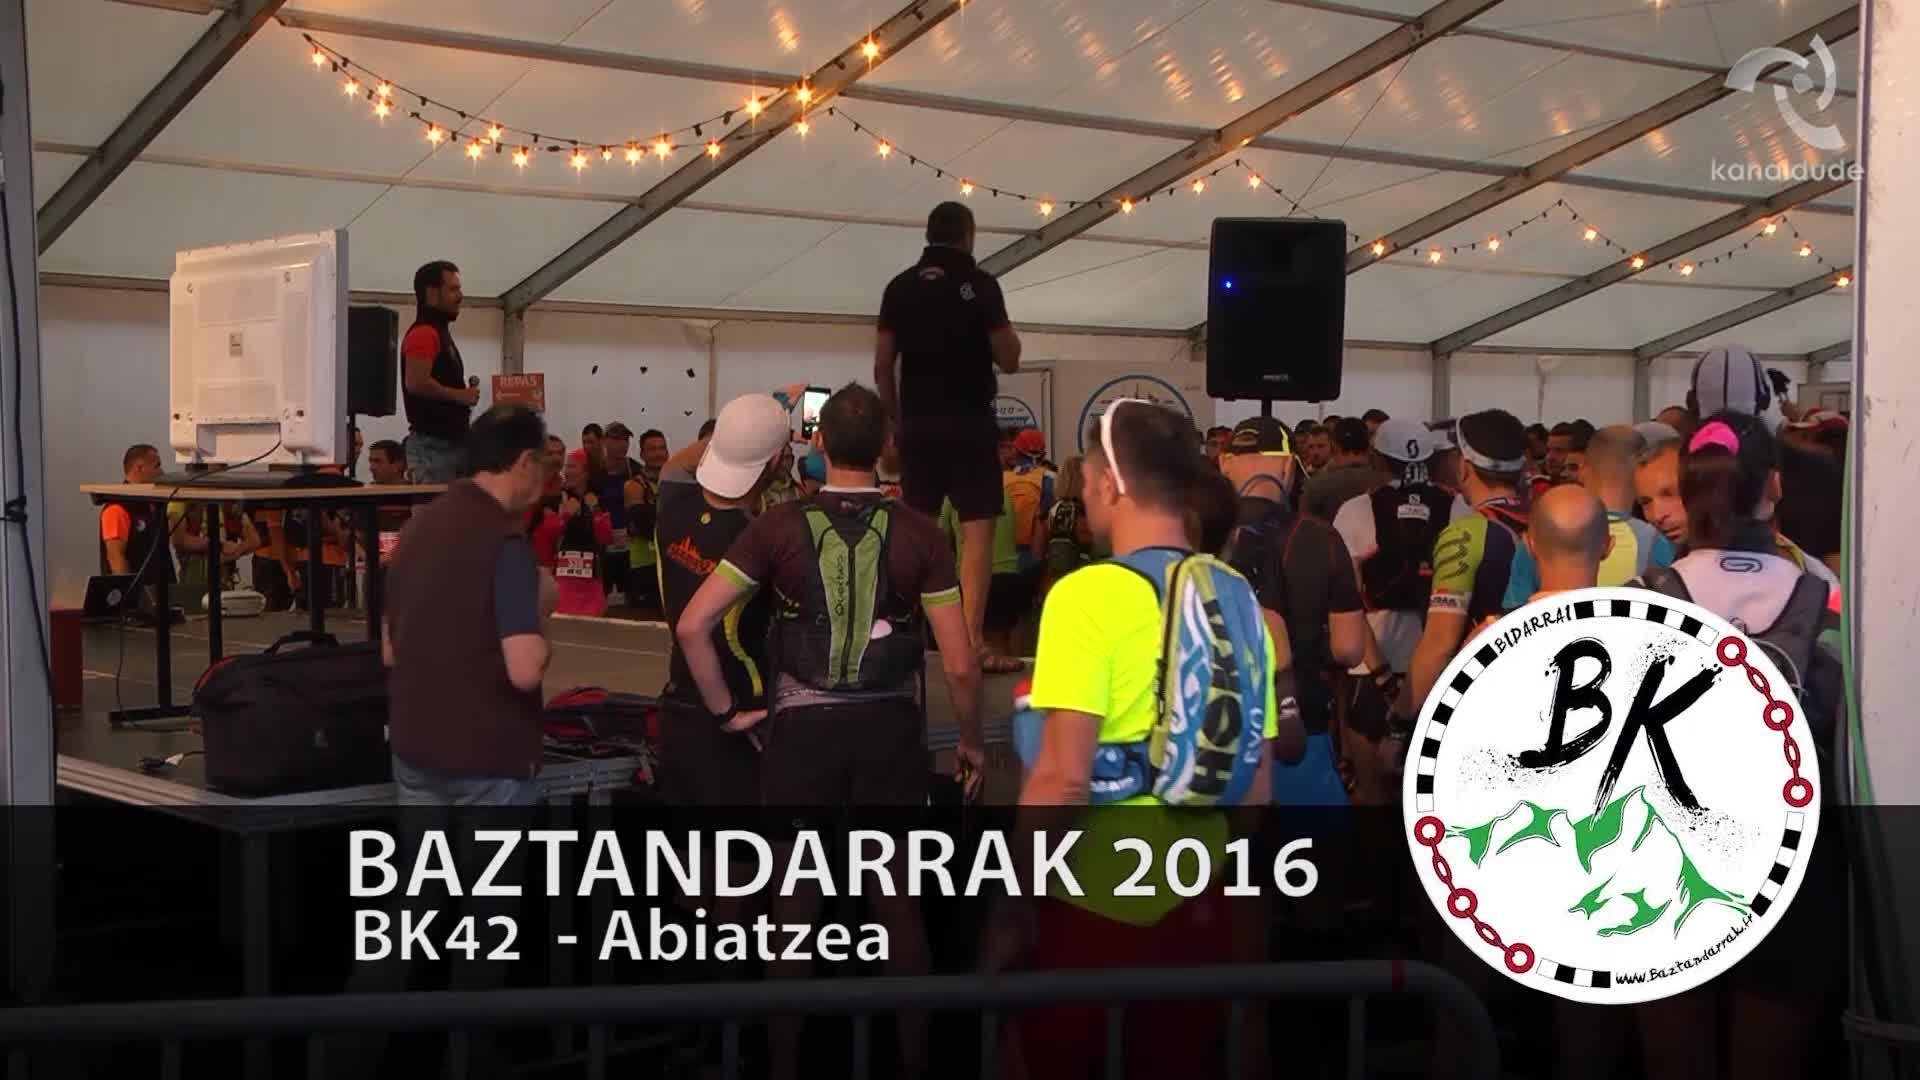 BAZTANDARRAK 2016 BK42 Abiatzea